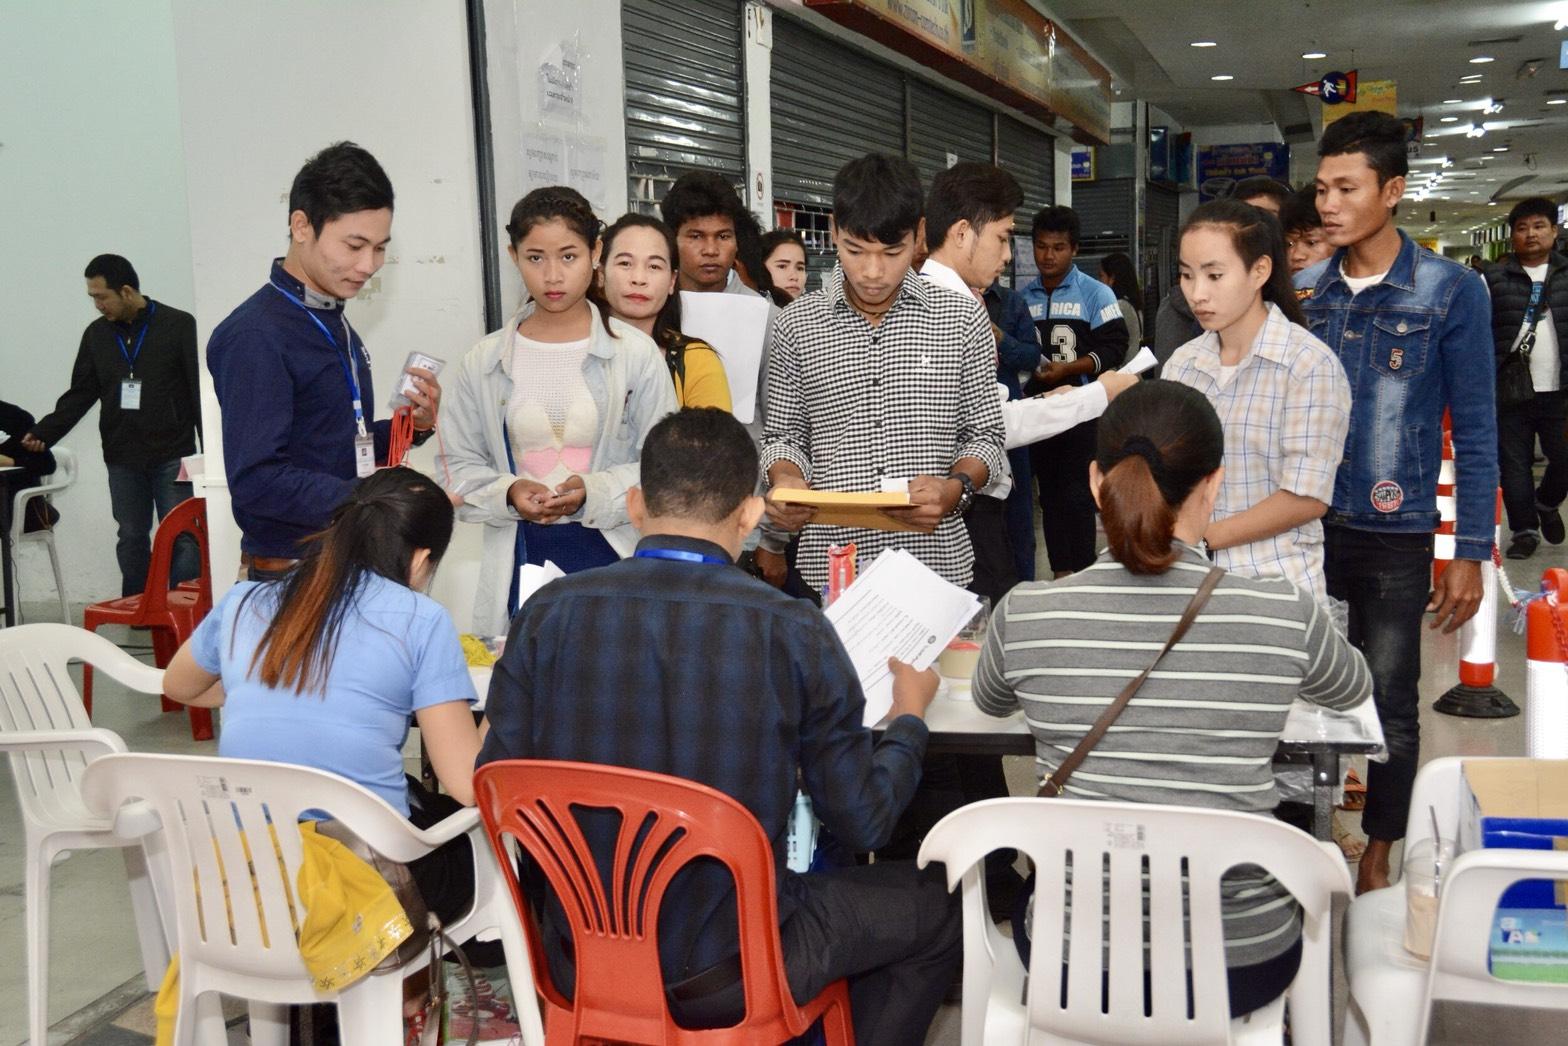 รมว.แรงงานไทย-กัมพูชา ตรวจเยี่ยมศูนย์พิสูจน์สัญชาติกัมพูชา ที่อิมพีเรียล ลาดพร้าว กัมพูชาเตรียมนำรถโมบายเคลื่อนที่ออกพิสูจน์สัญชาติในจังหวัดที่มีแรงงานมาก ขณะที่ไทยเตรียมเสนอ ครม. ราวต้นปี 2561 ขยายเวลาพิสูจน์สัญชาติถึง 30 มิ.ย. 61